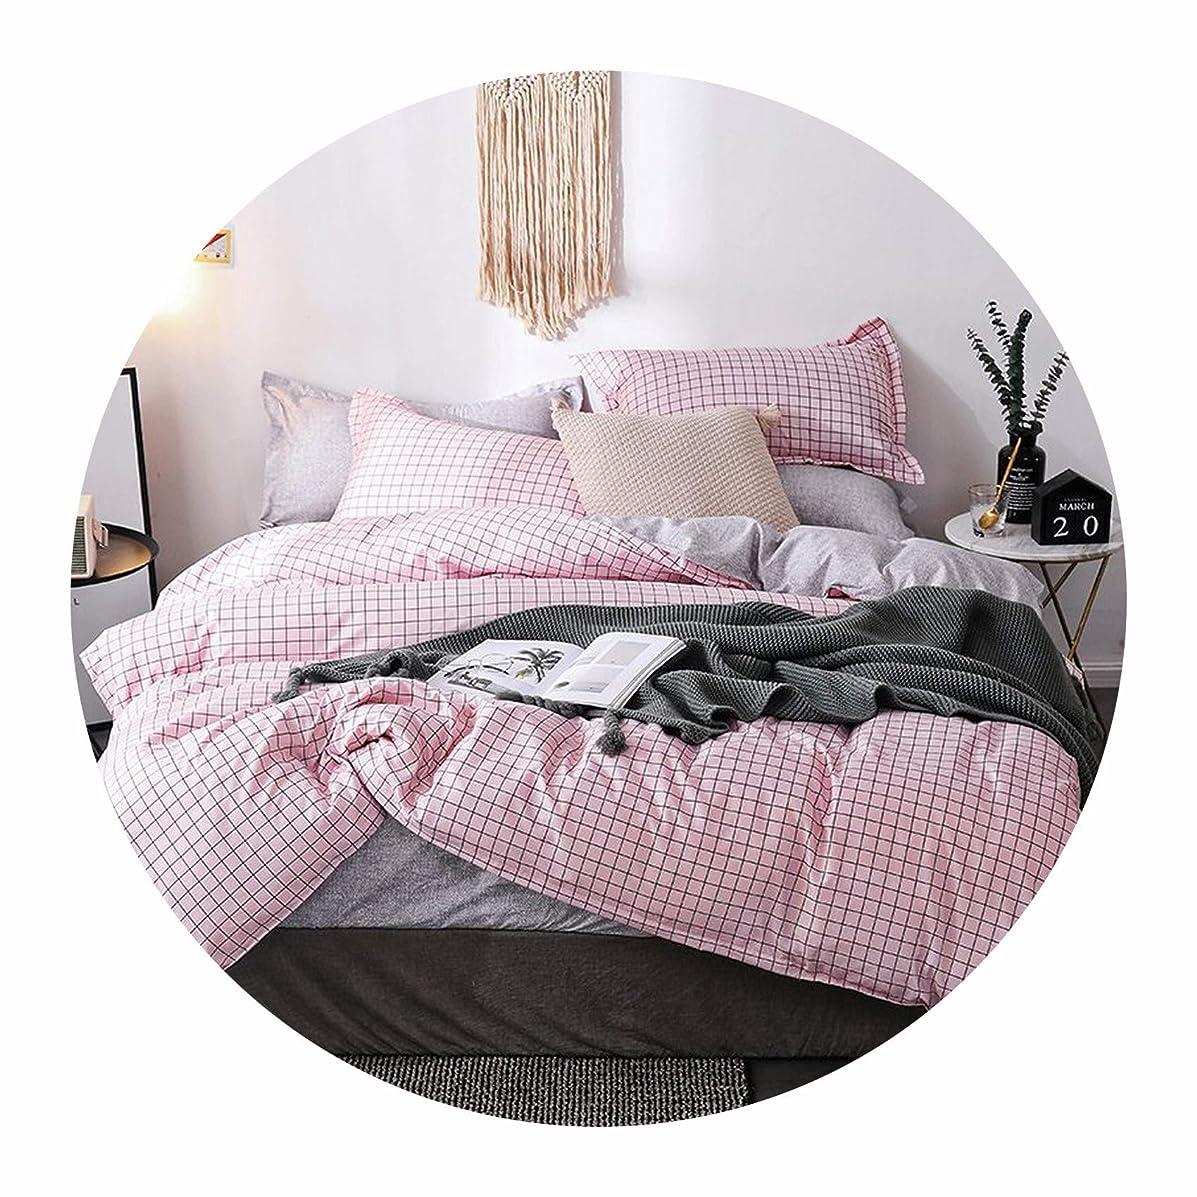 Home Textile Cyan Kitty Duvet Cover Pillow Case Bed Sheet Boy Kid Teen Girl Bedding Linens Set King Queen Twin,4,Pillowcase 2pcs,Flat Bed Sheet